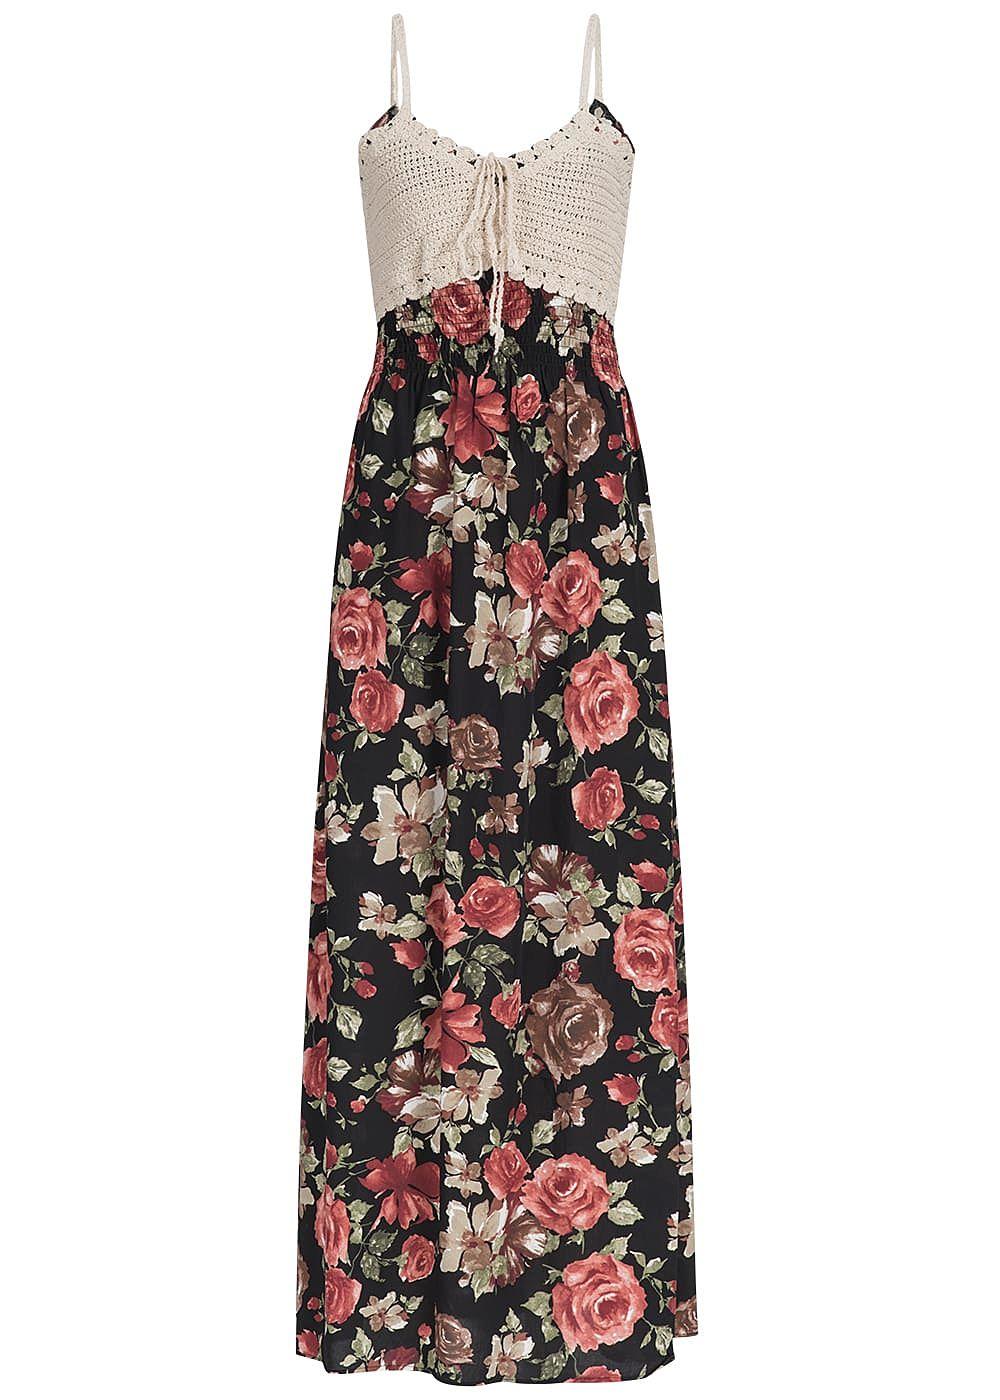 a5bcab3e1a3475 Seventyseven Lifestyle Damen Longform Kleid Häkelbesatz Rosen Print ...